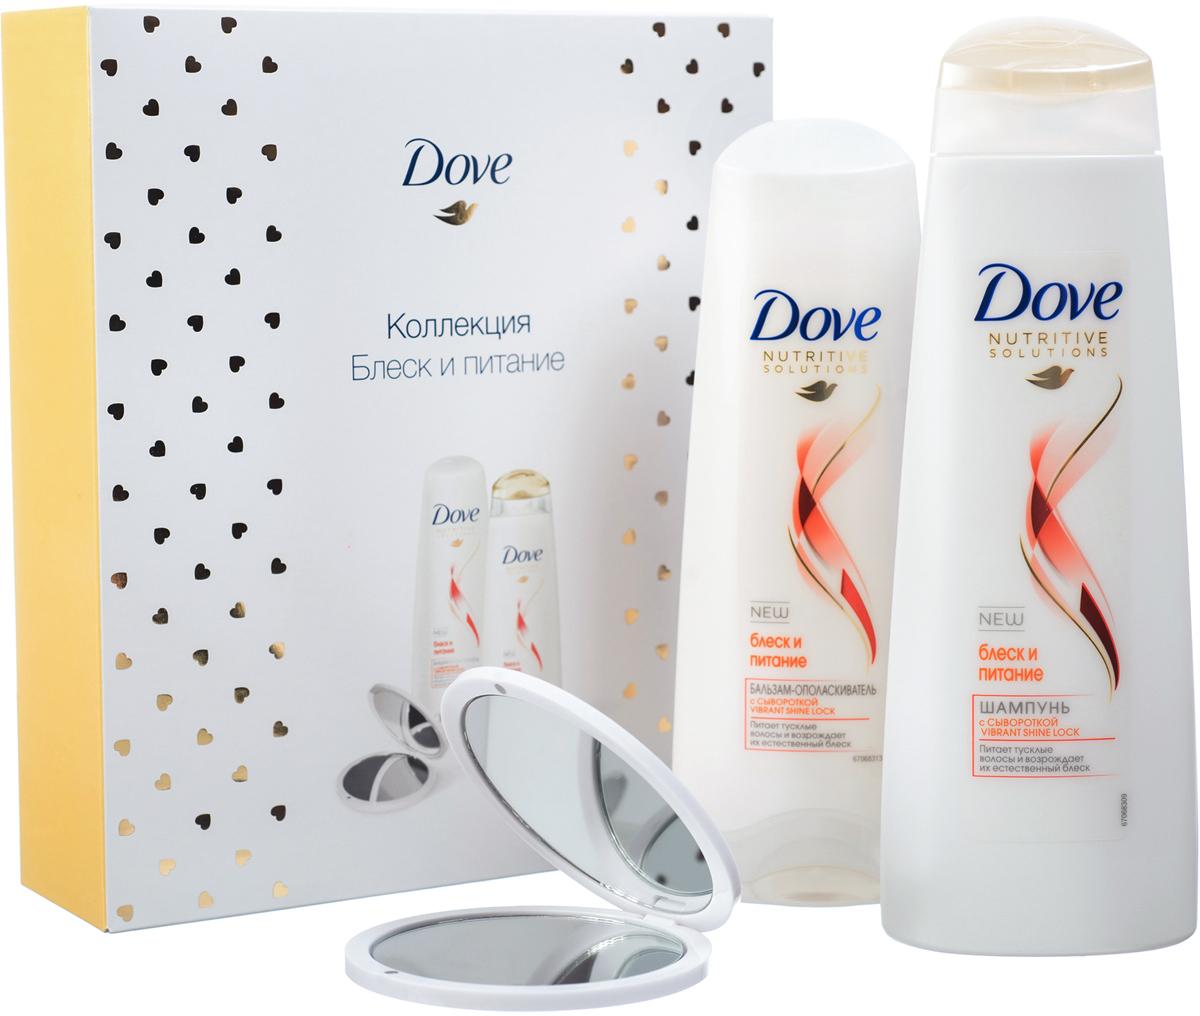 Dove подарочный набор коллекция Блеск и питание + зеркало косметика для мамы dove шампунь nutritive solutions блеск и питание 250 мл